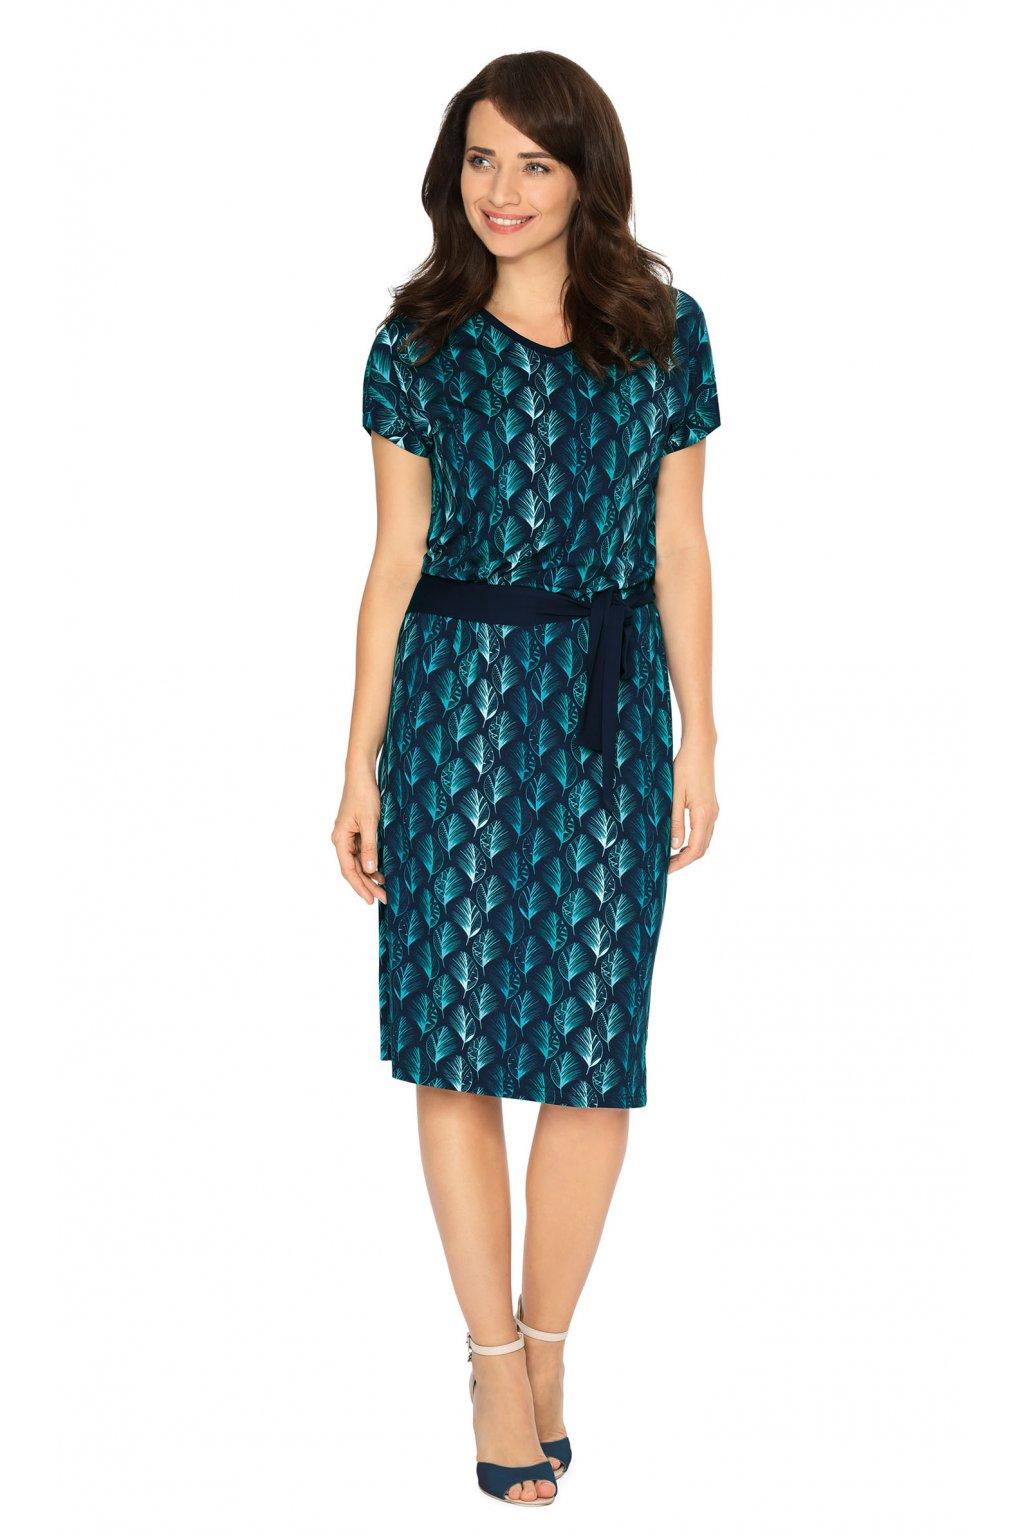 Dámské šaty s krátkým rukávem, 105125 101, tmavě modrá